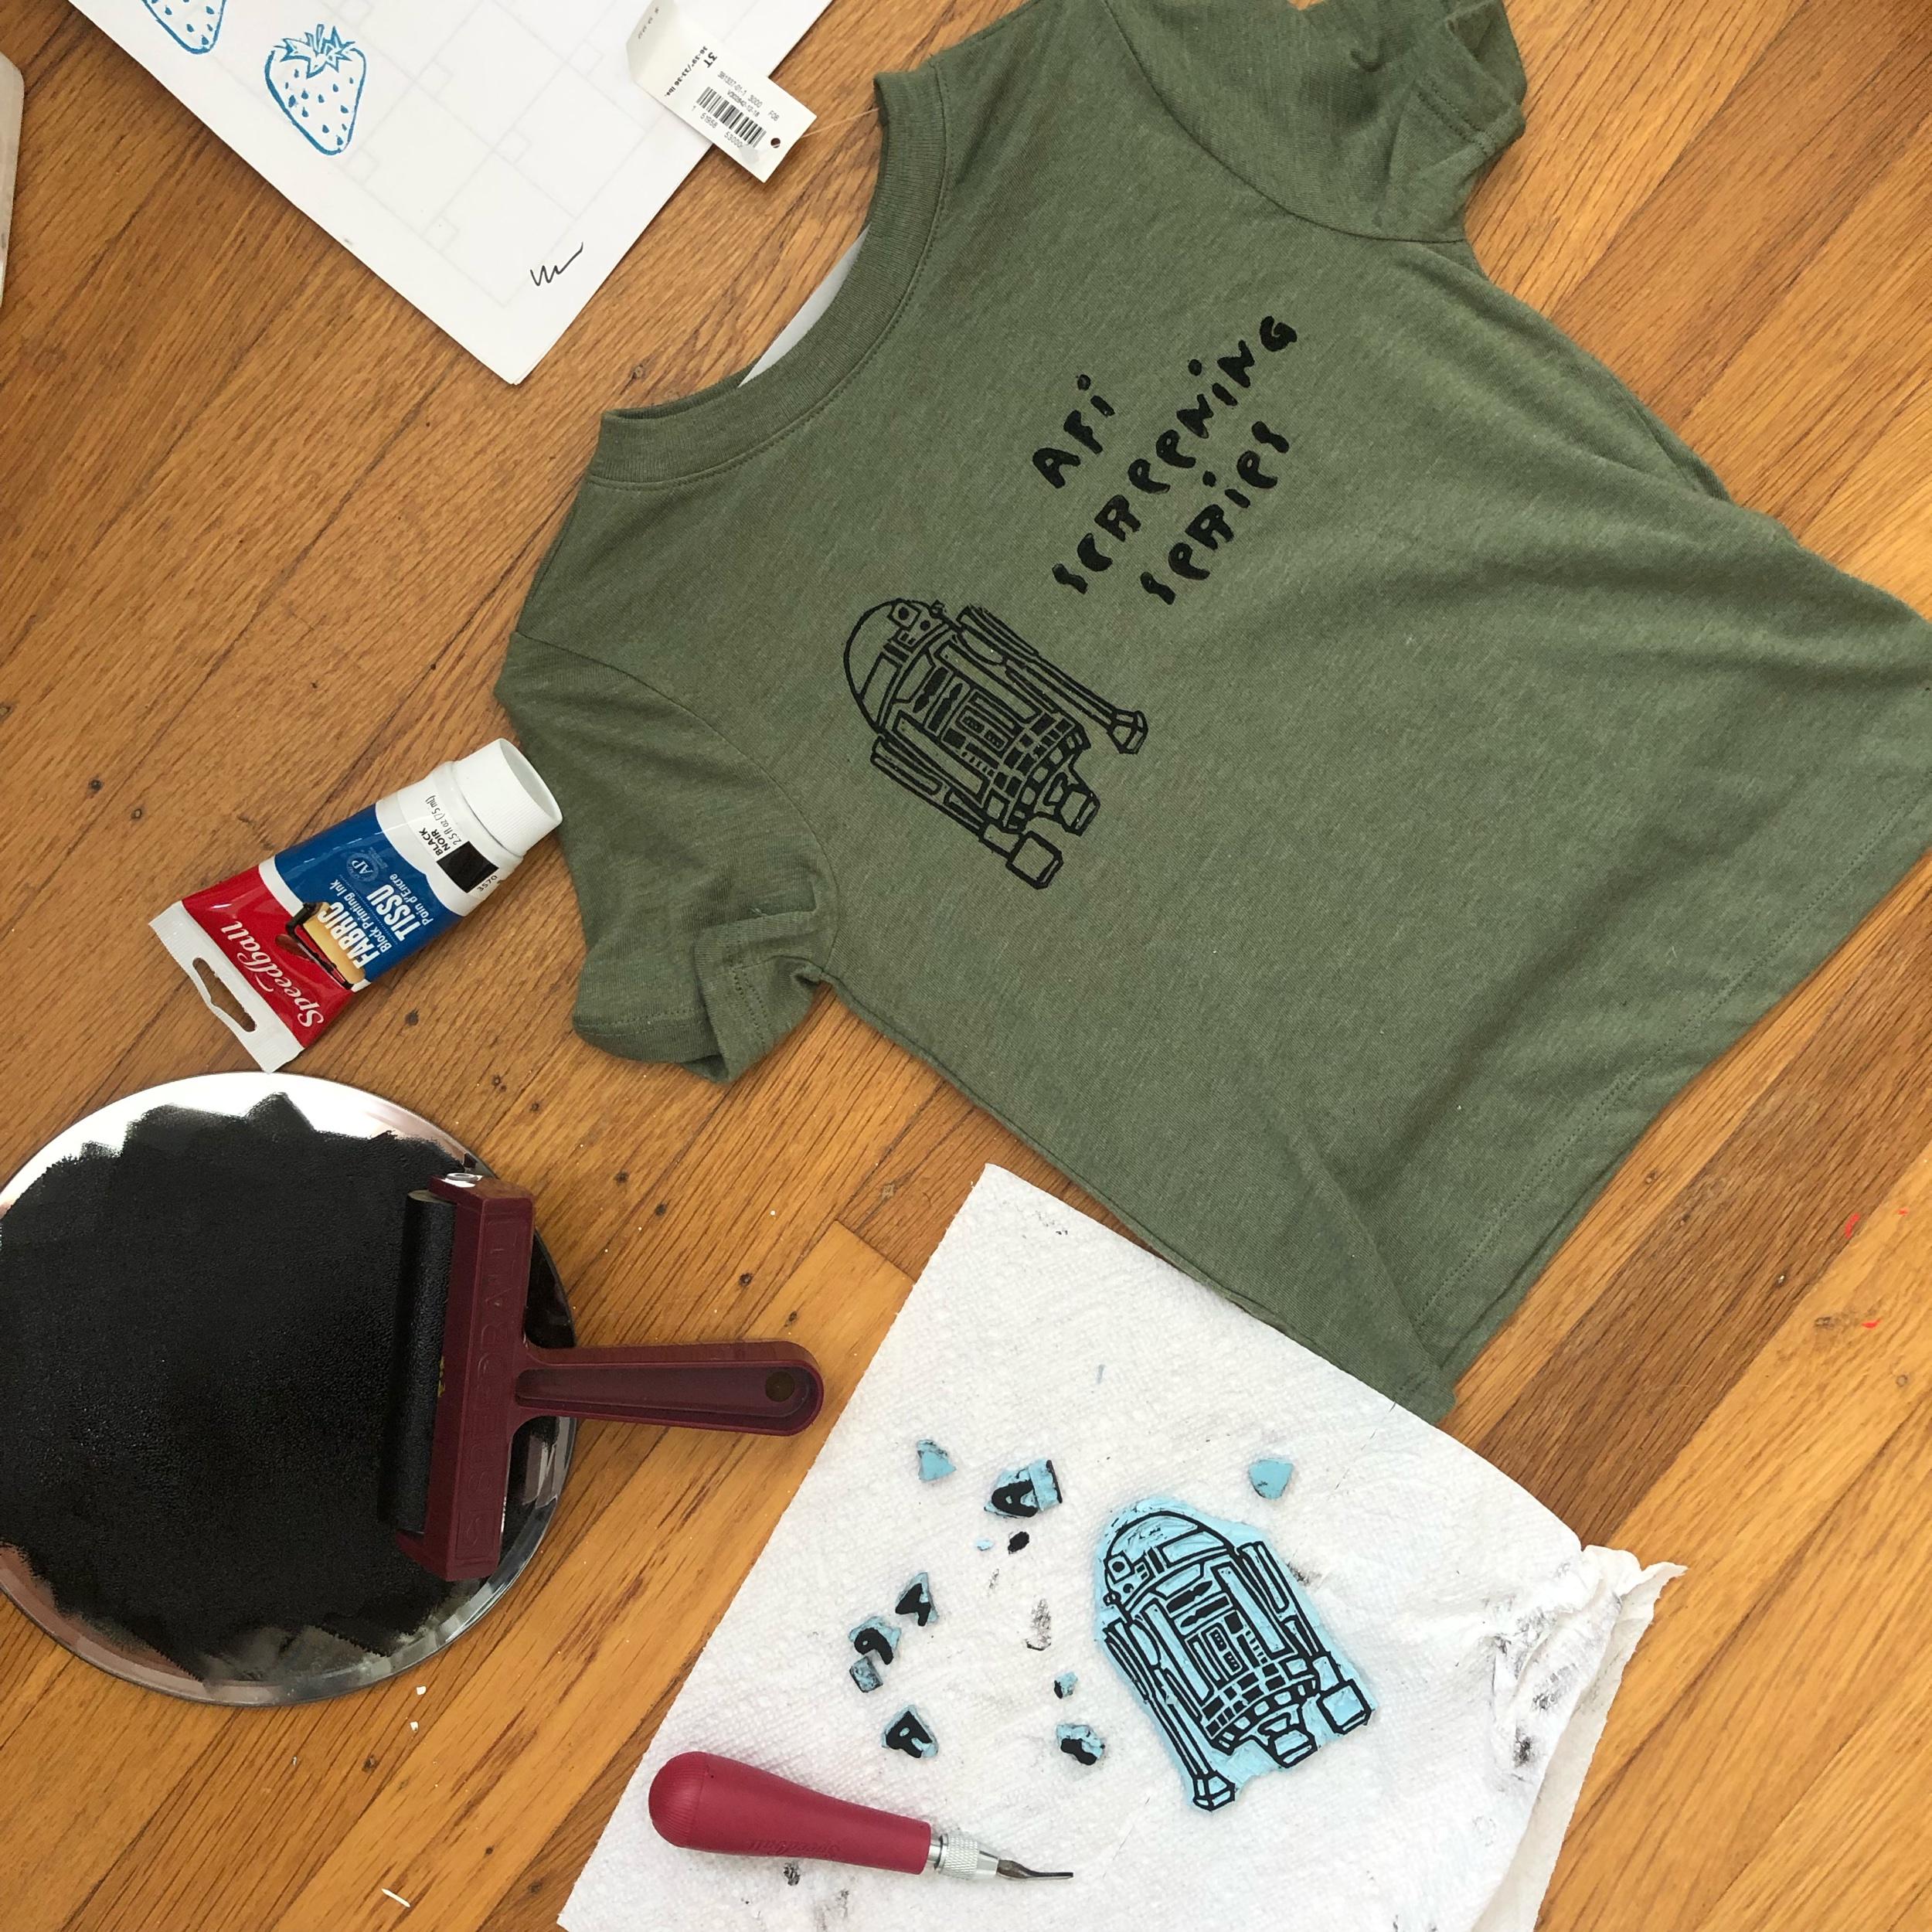 kushins_r2d2_stamp_shirt.jpeg